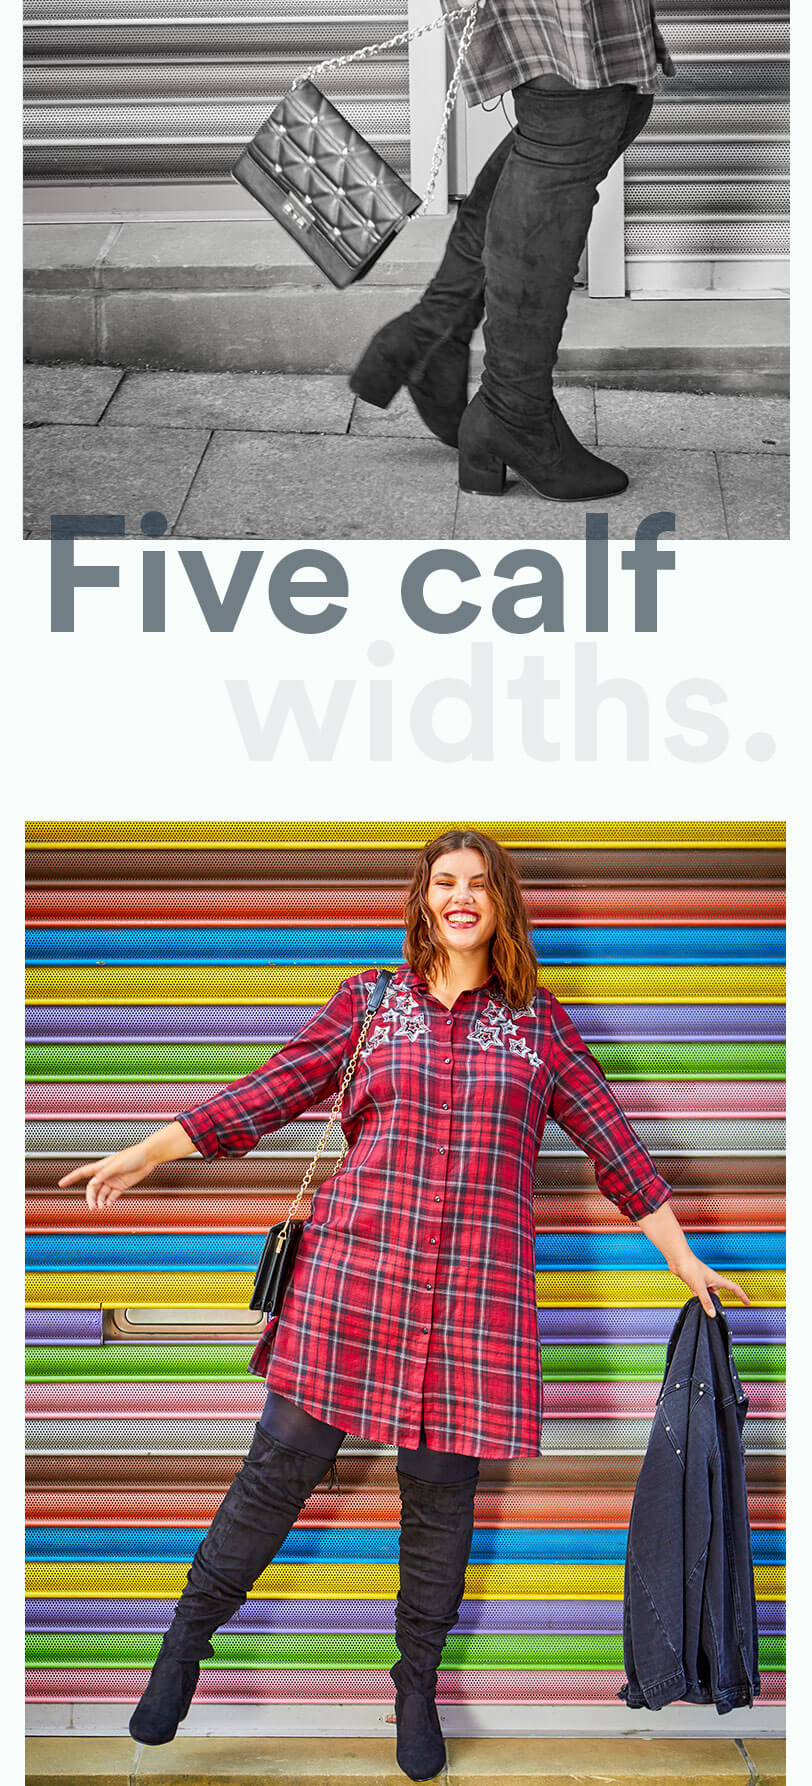 five calf widths